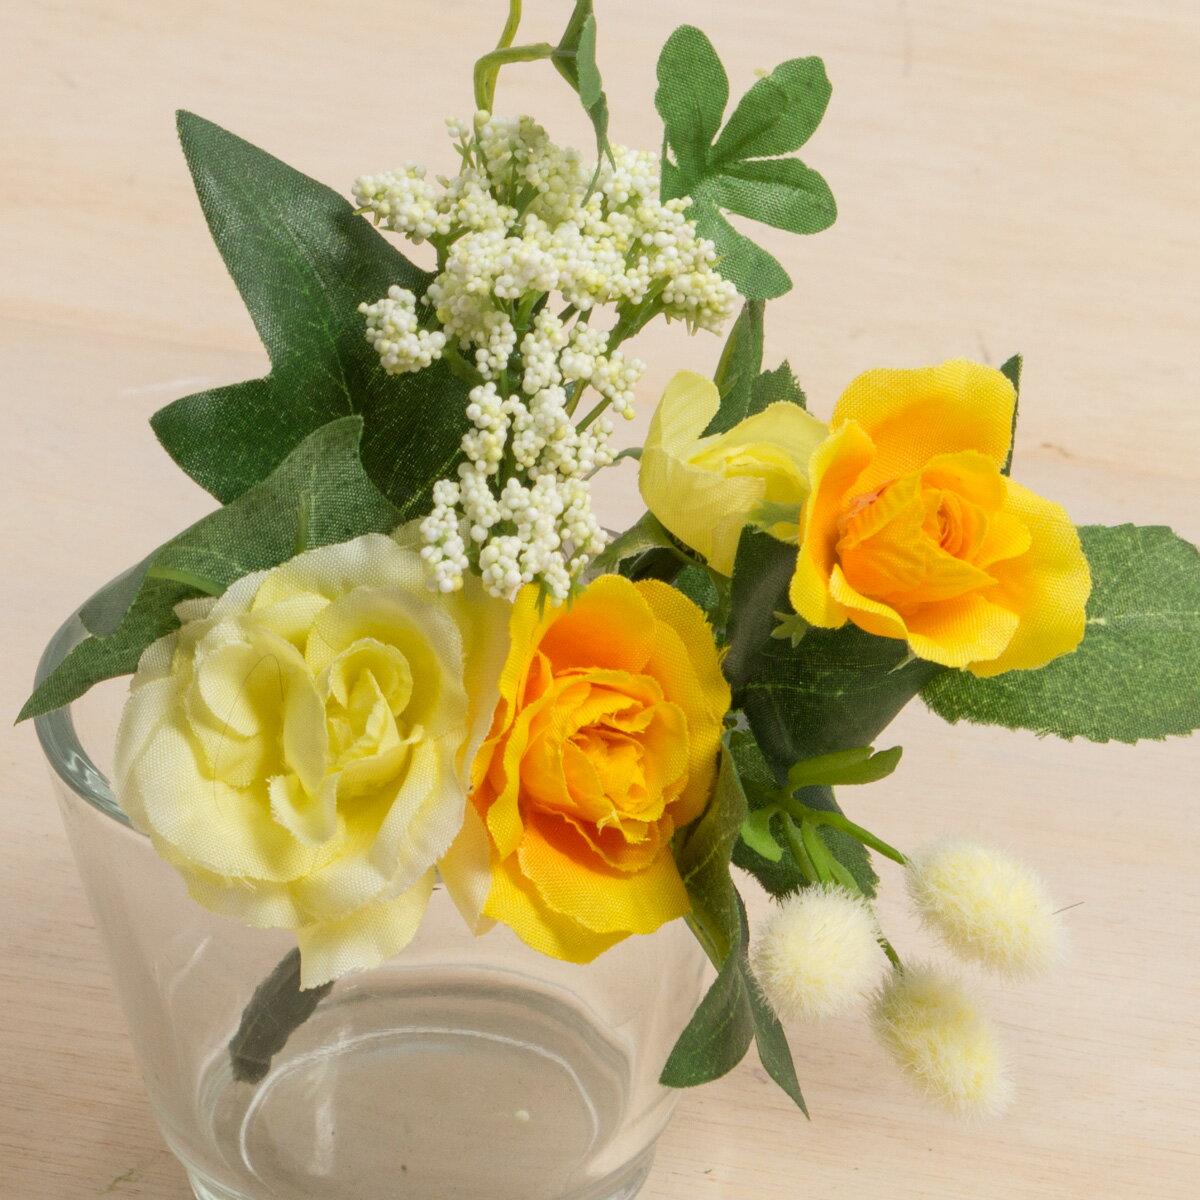 即日 【造花】YDM/ミニローズミックスブッシュ イエロー/FB2323-Y《 造花(アーティフィシャルフラワー) 造花 花材「は行」 バラ 》